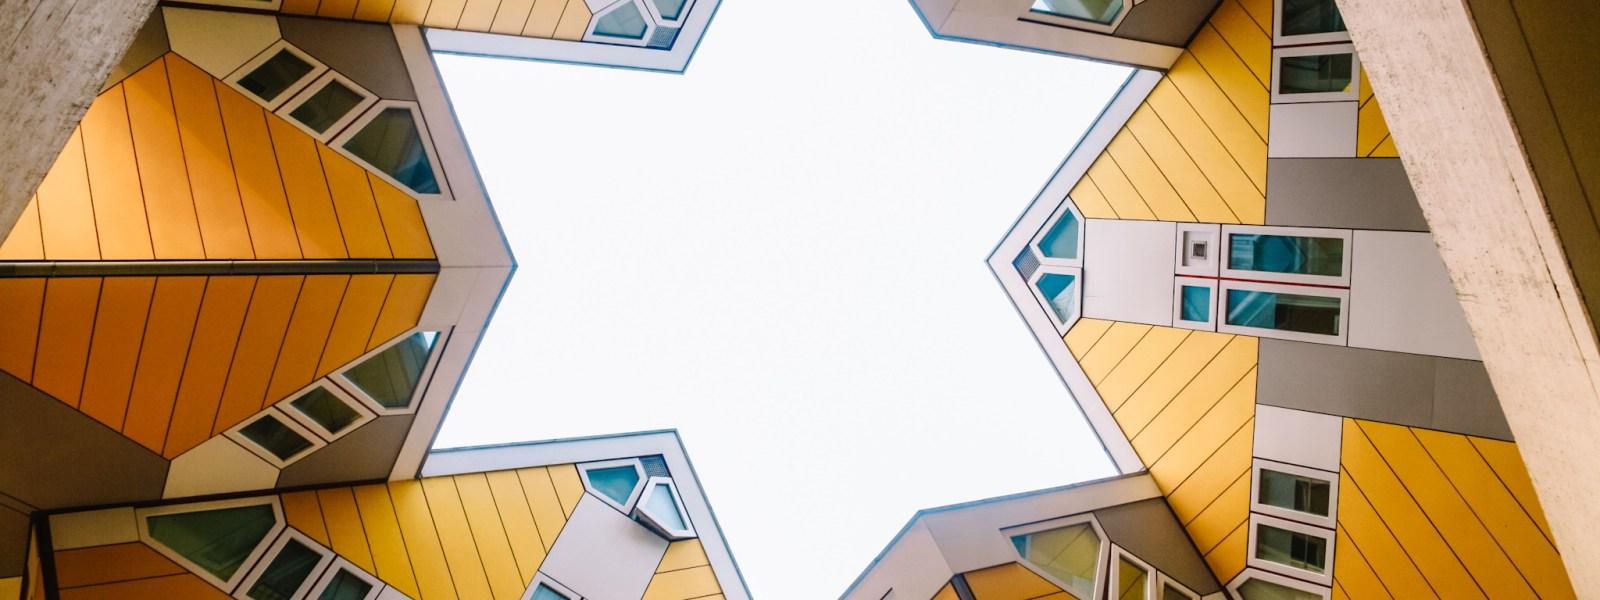 Mooiste plekjes in Rotterdam: 13 meest fotogenieke spots